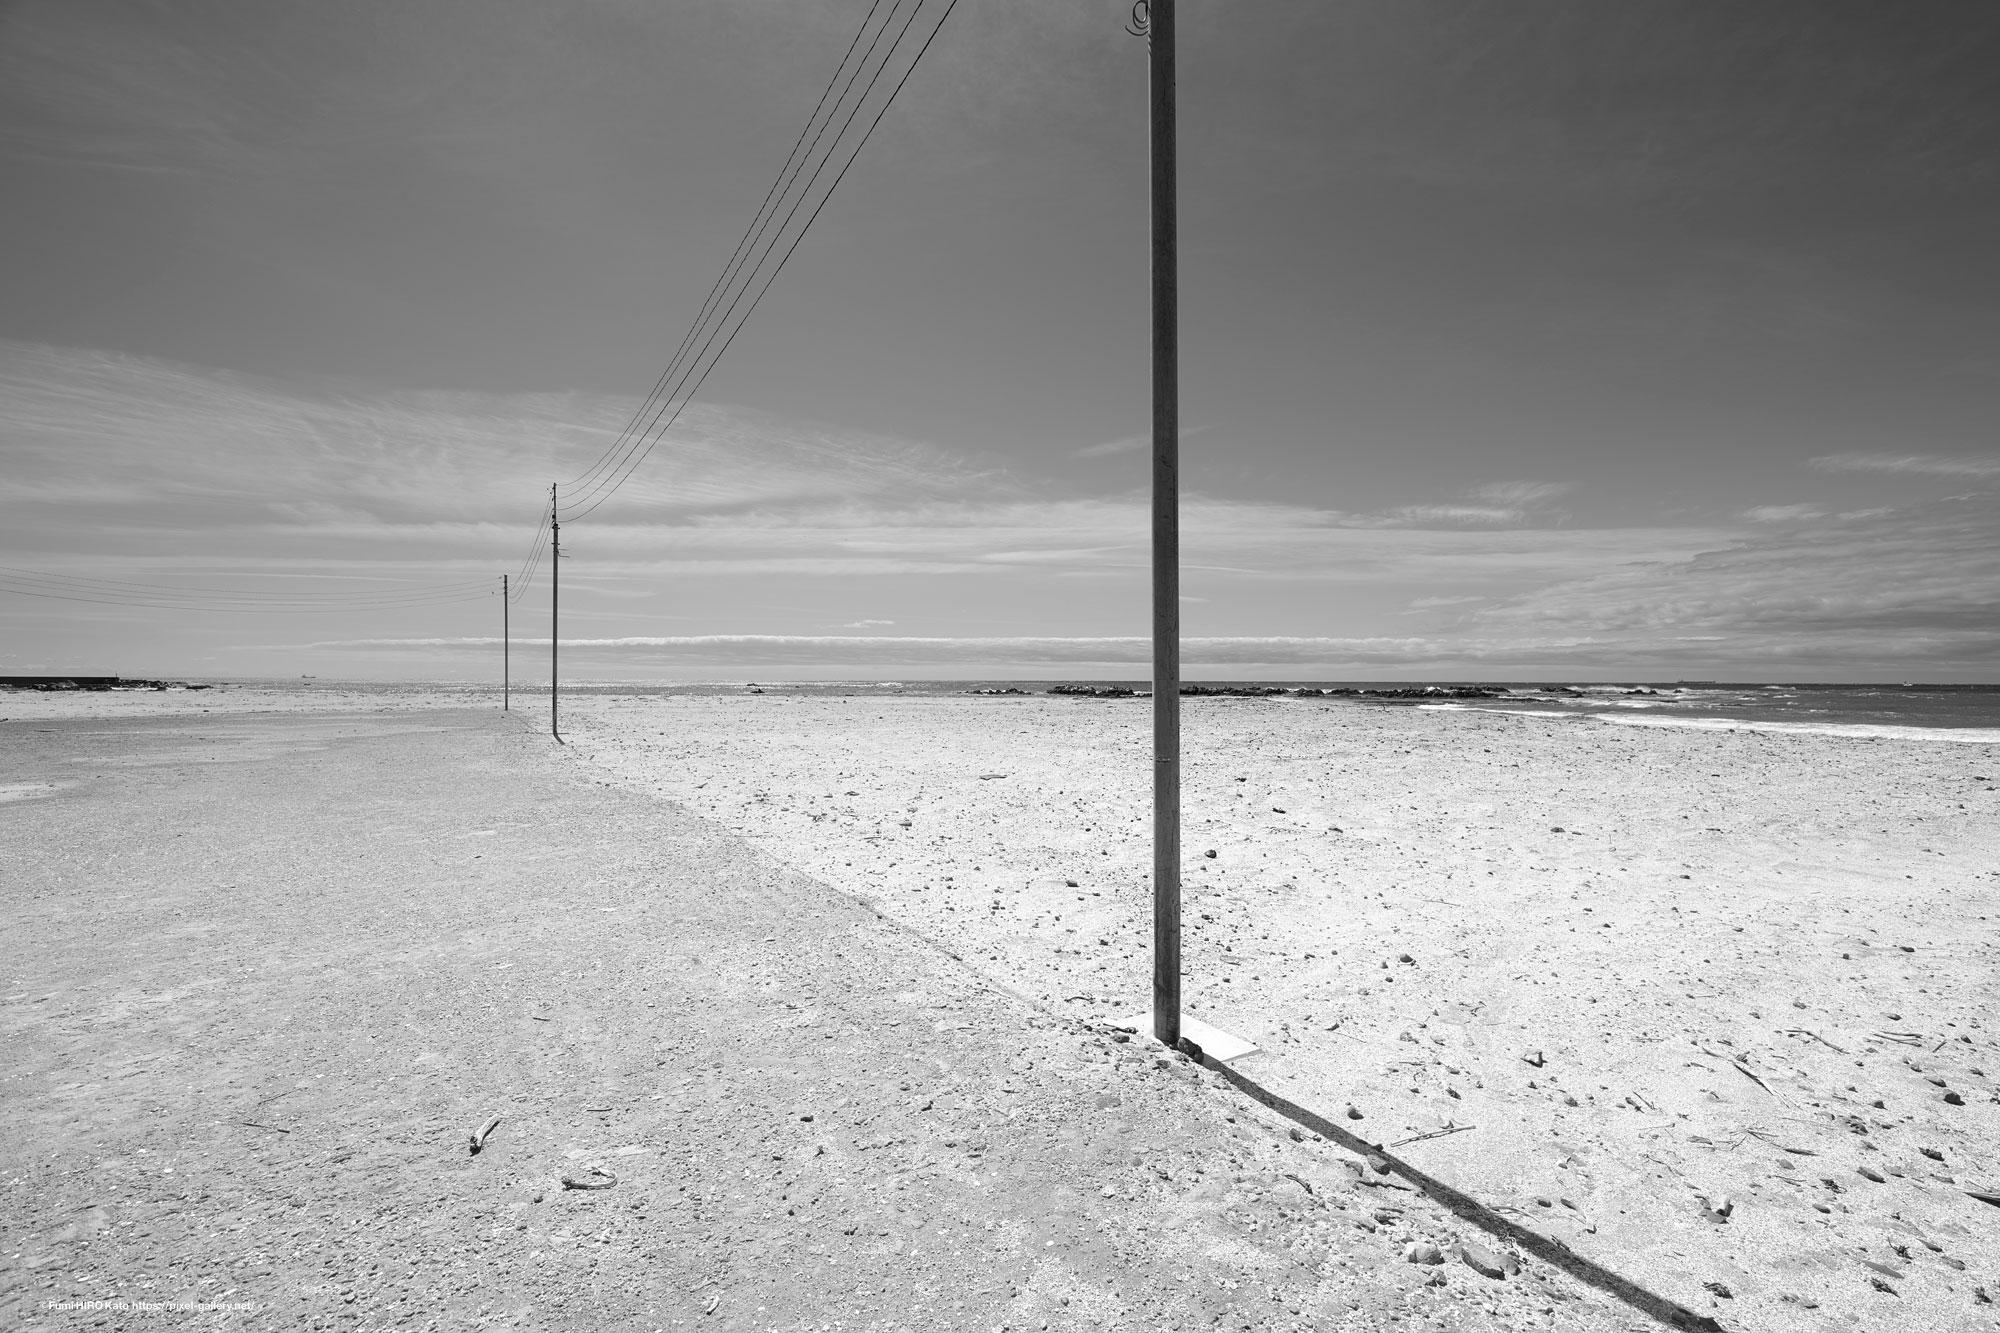 惑星と文明 19-014 時間は砂となって降り積もる